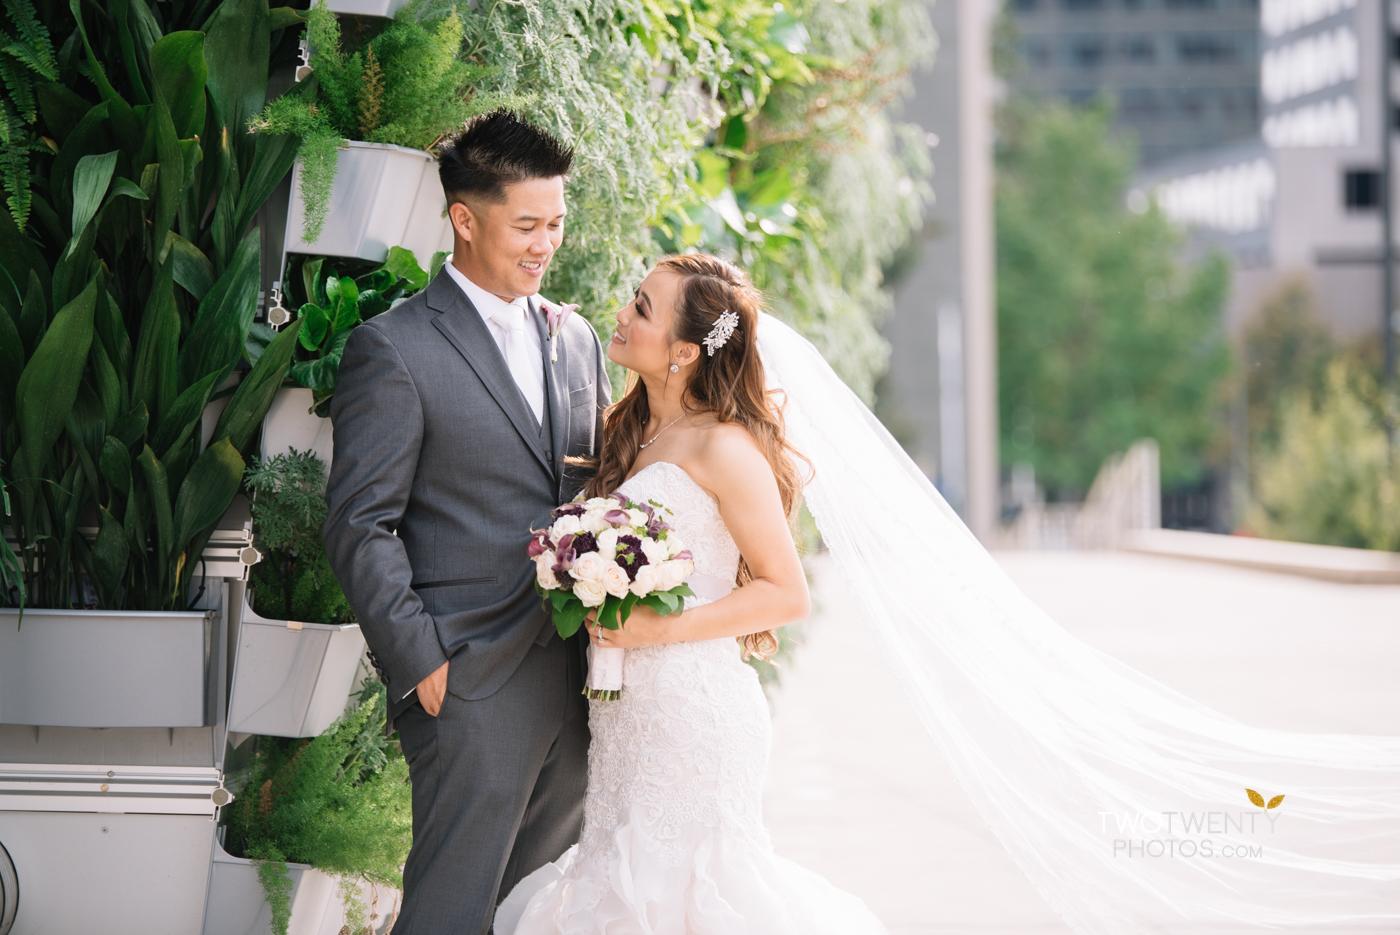 golden1-sacramento-kings-arena-wedding-photographer-19